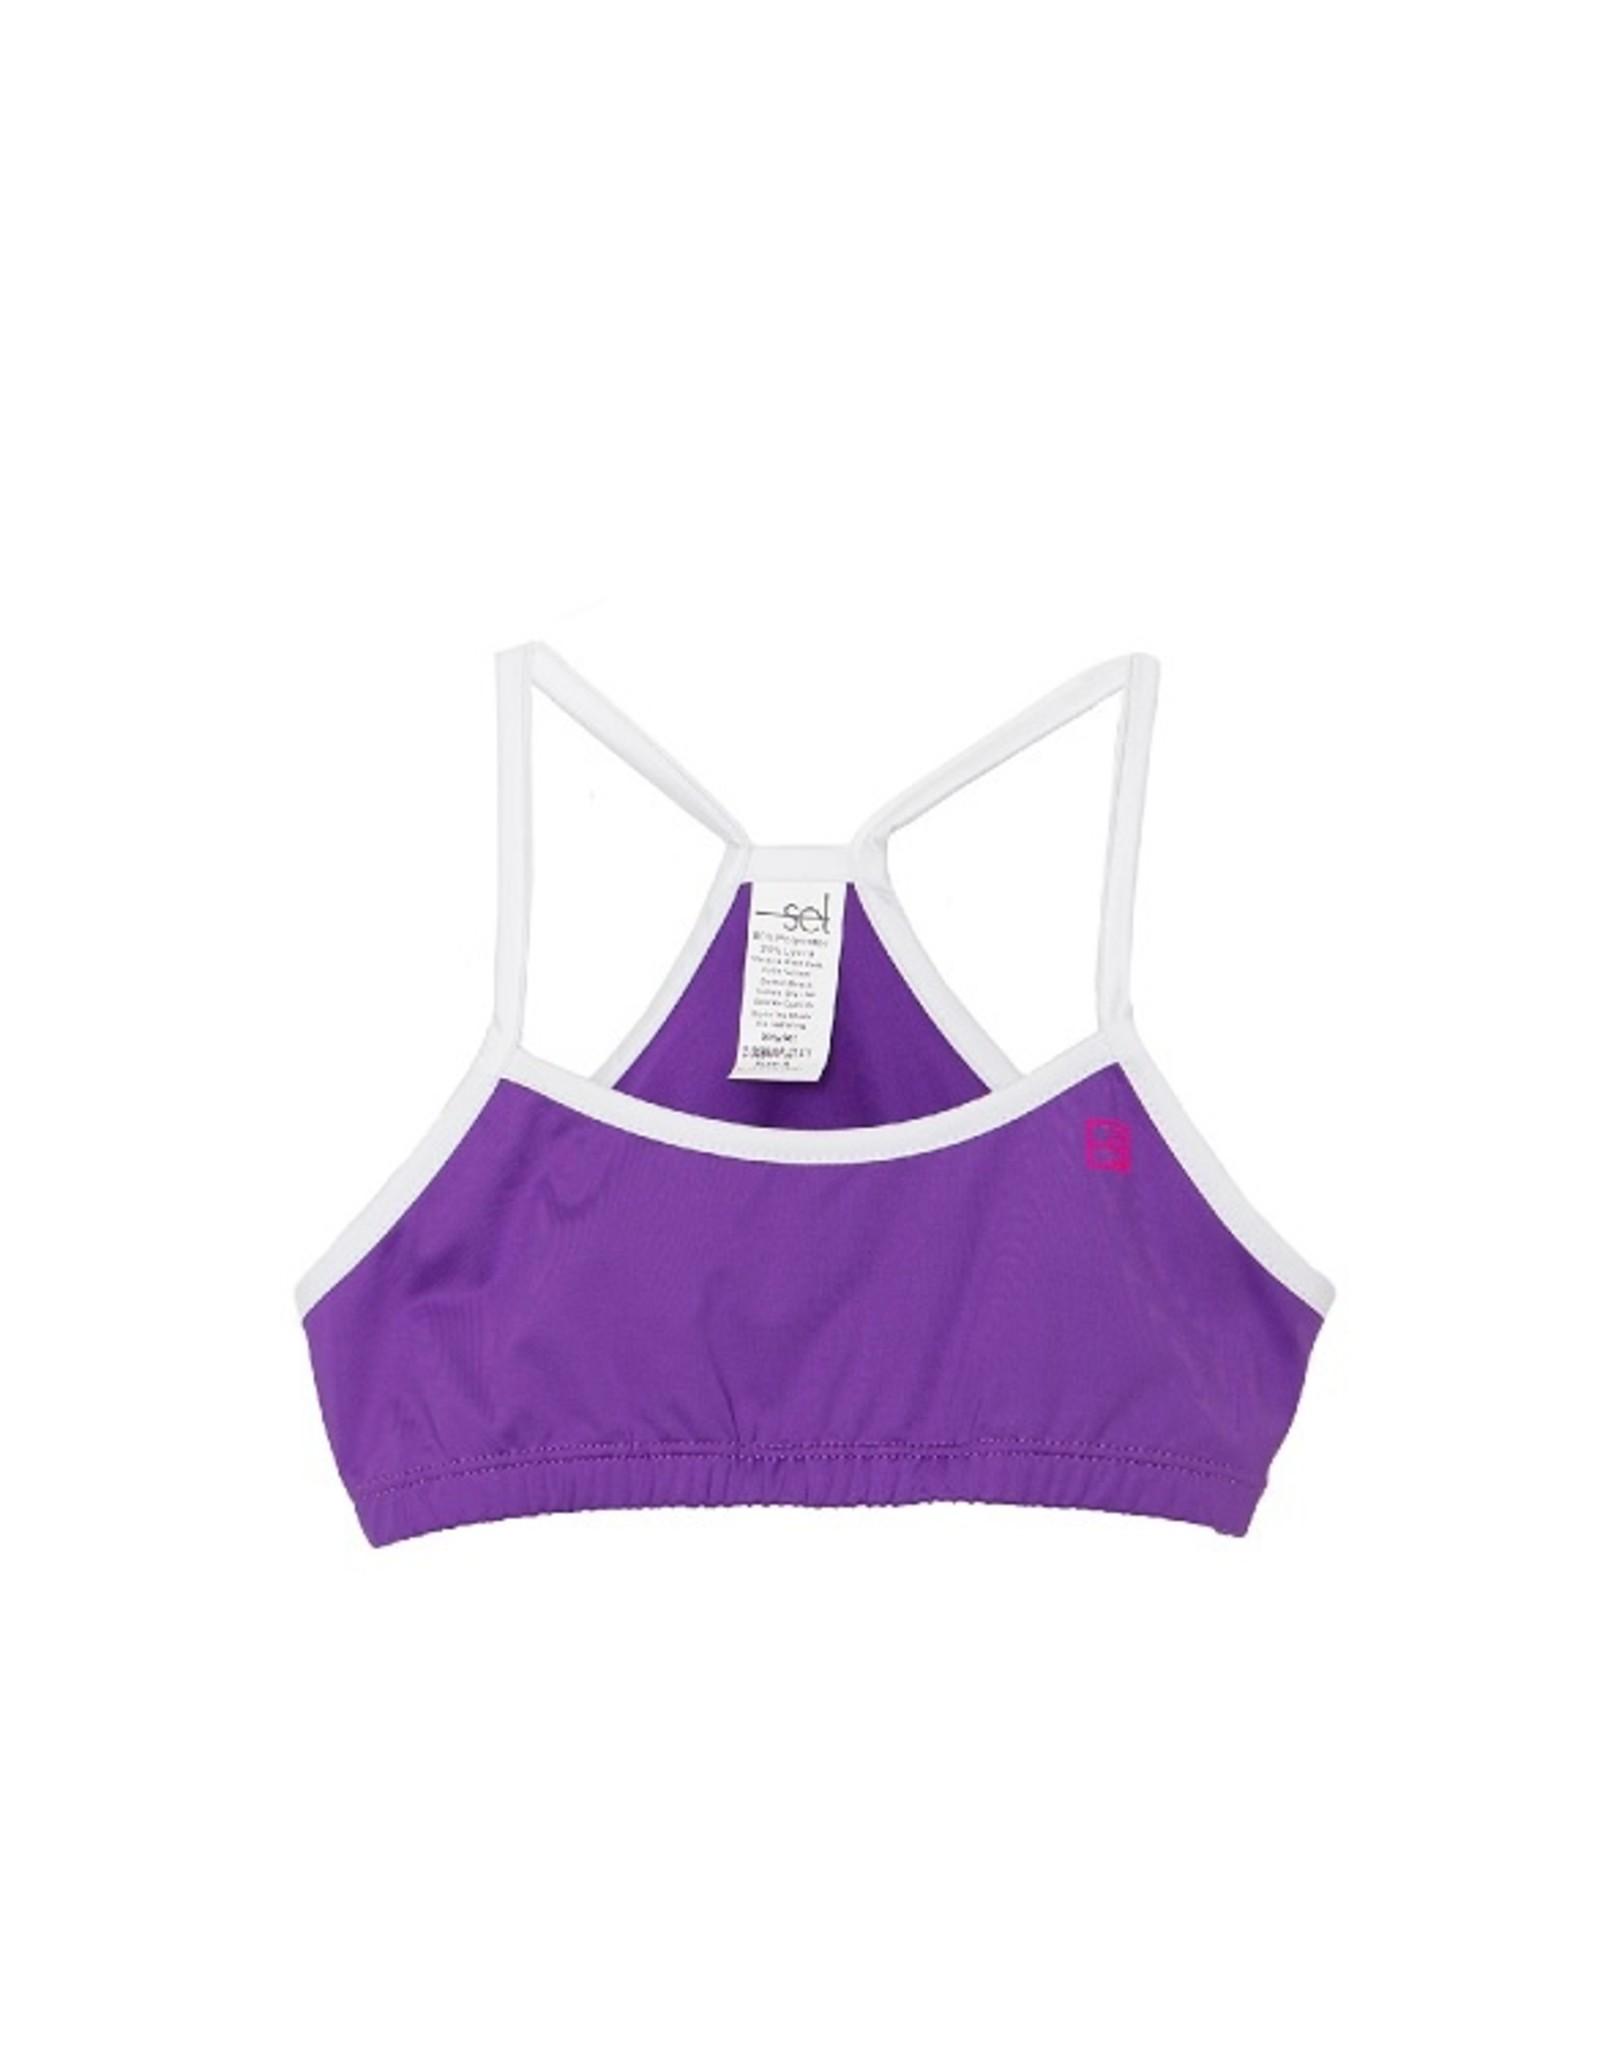 SET Briana Sports Bra - Purple/White